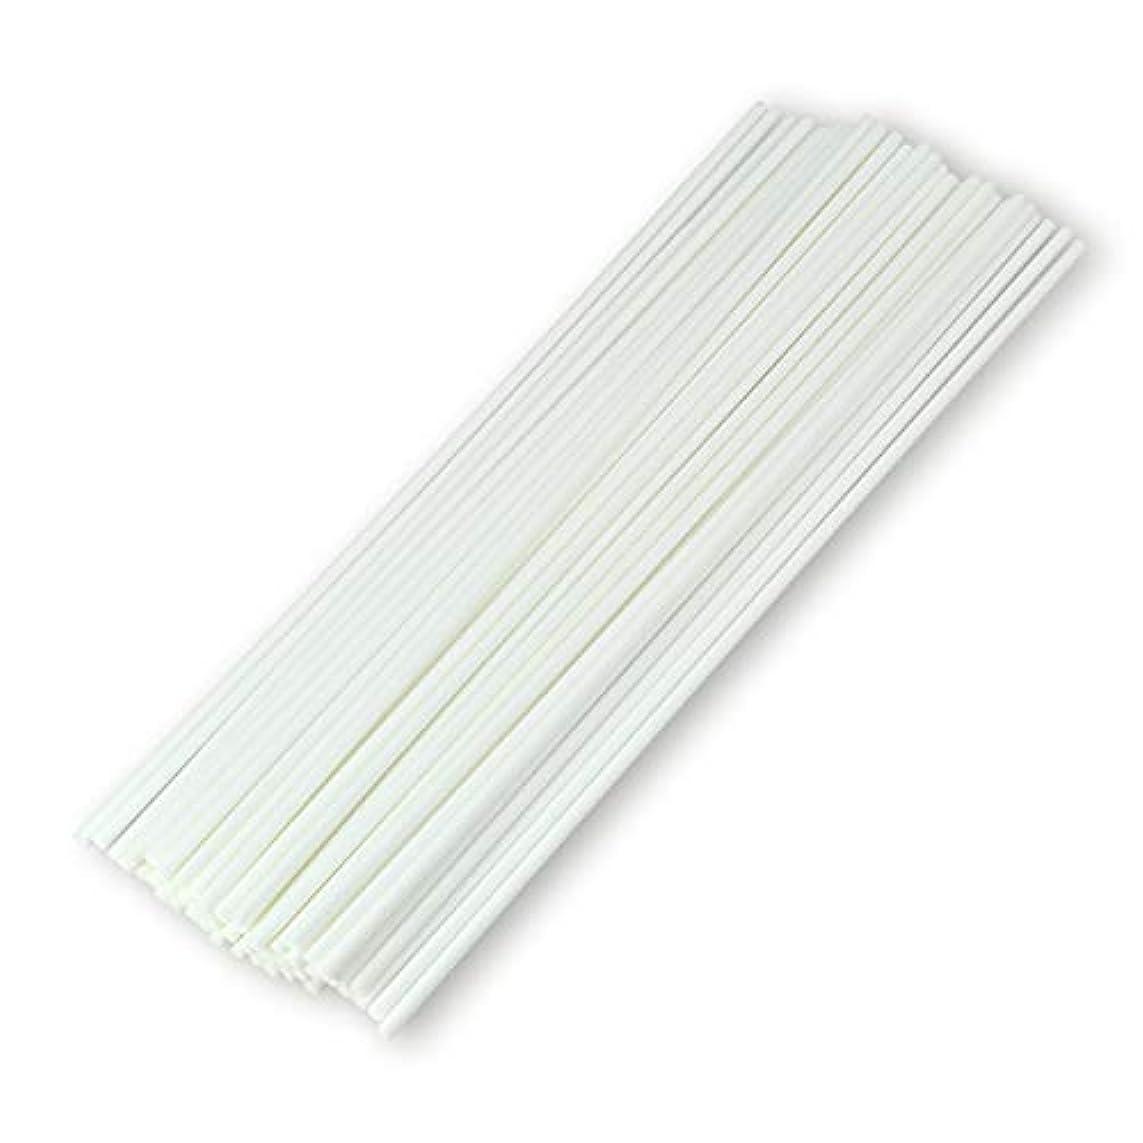 コカインアコー削る50本入アロマファイバーディフューザー交換用スティック(20cm*3mm,白)